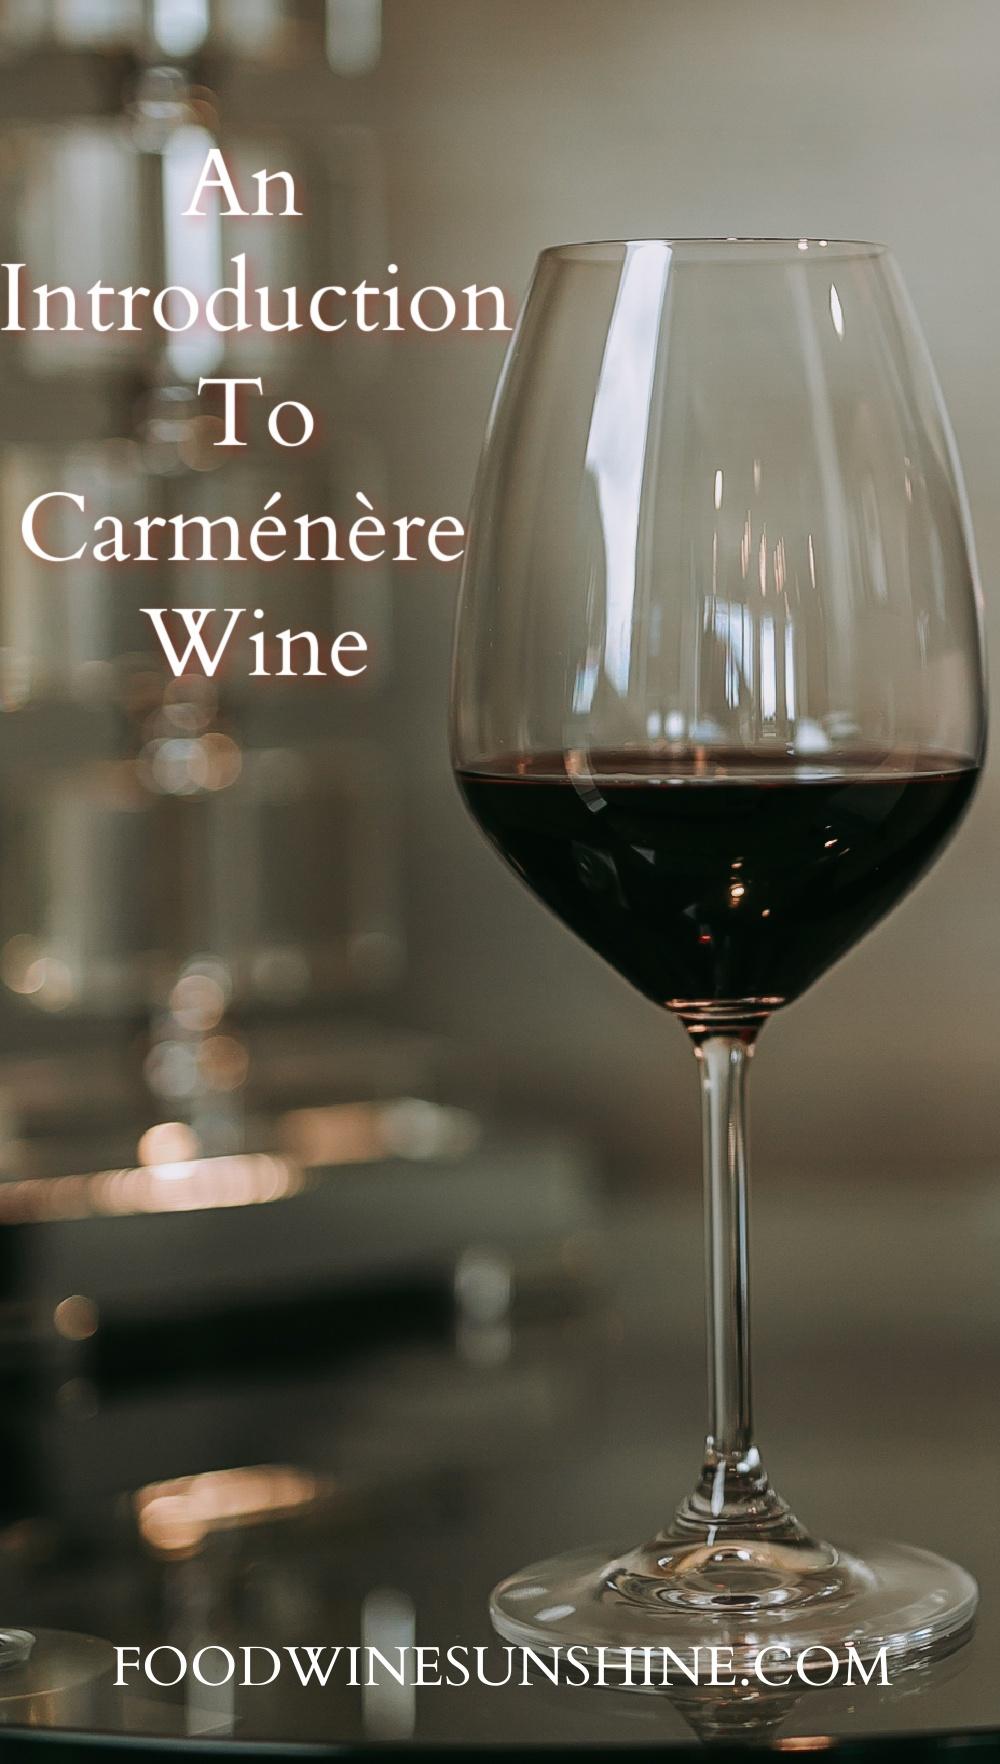 An Introduction To Carménère Wine